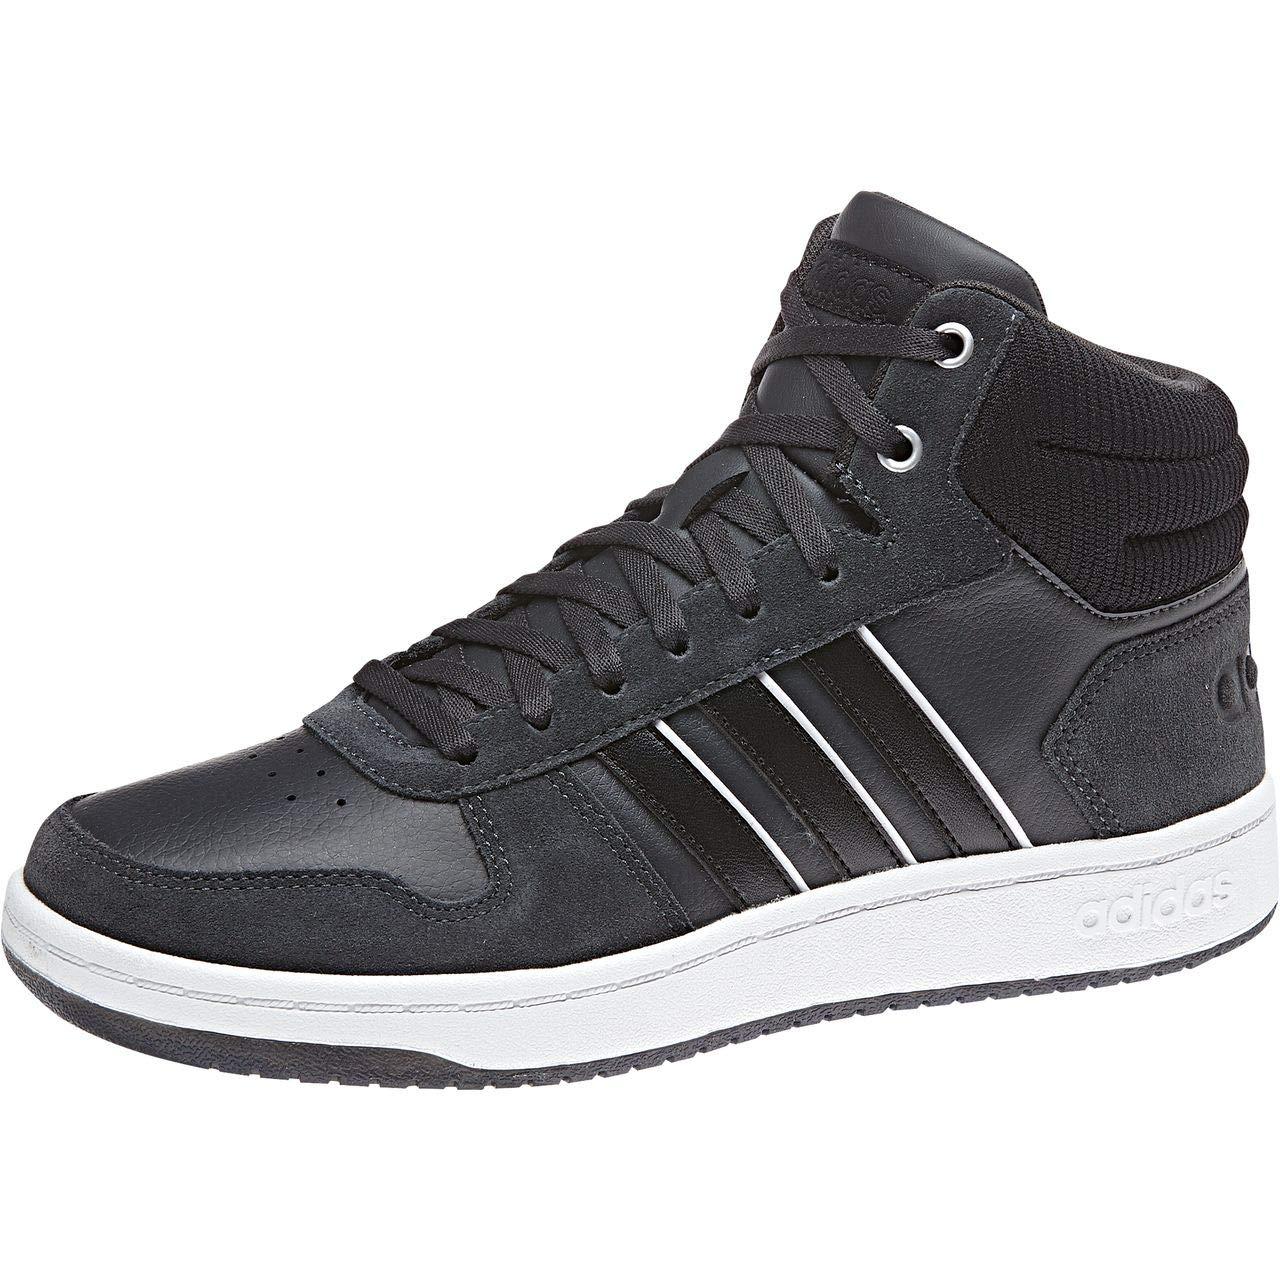 Adidas Hoops 2.0 Mid, Zapatos de Baloncesto para Mujer B42113